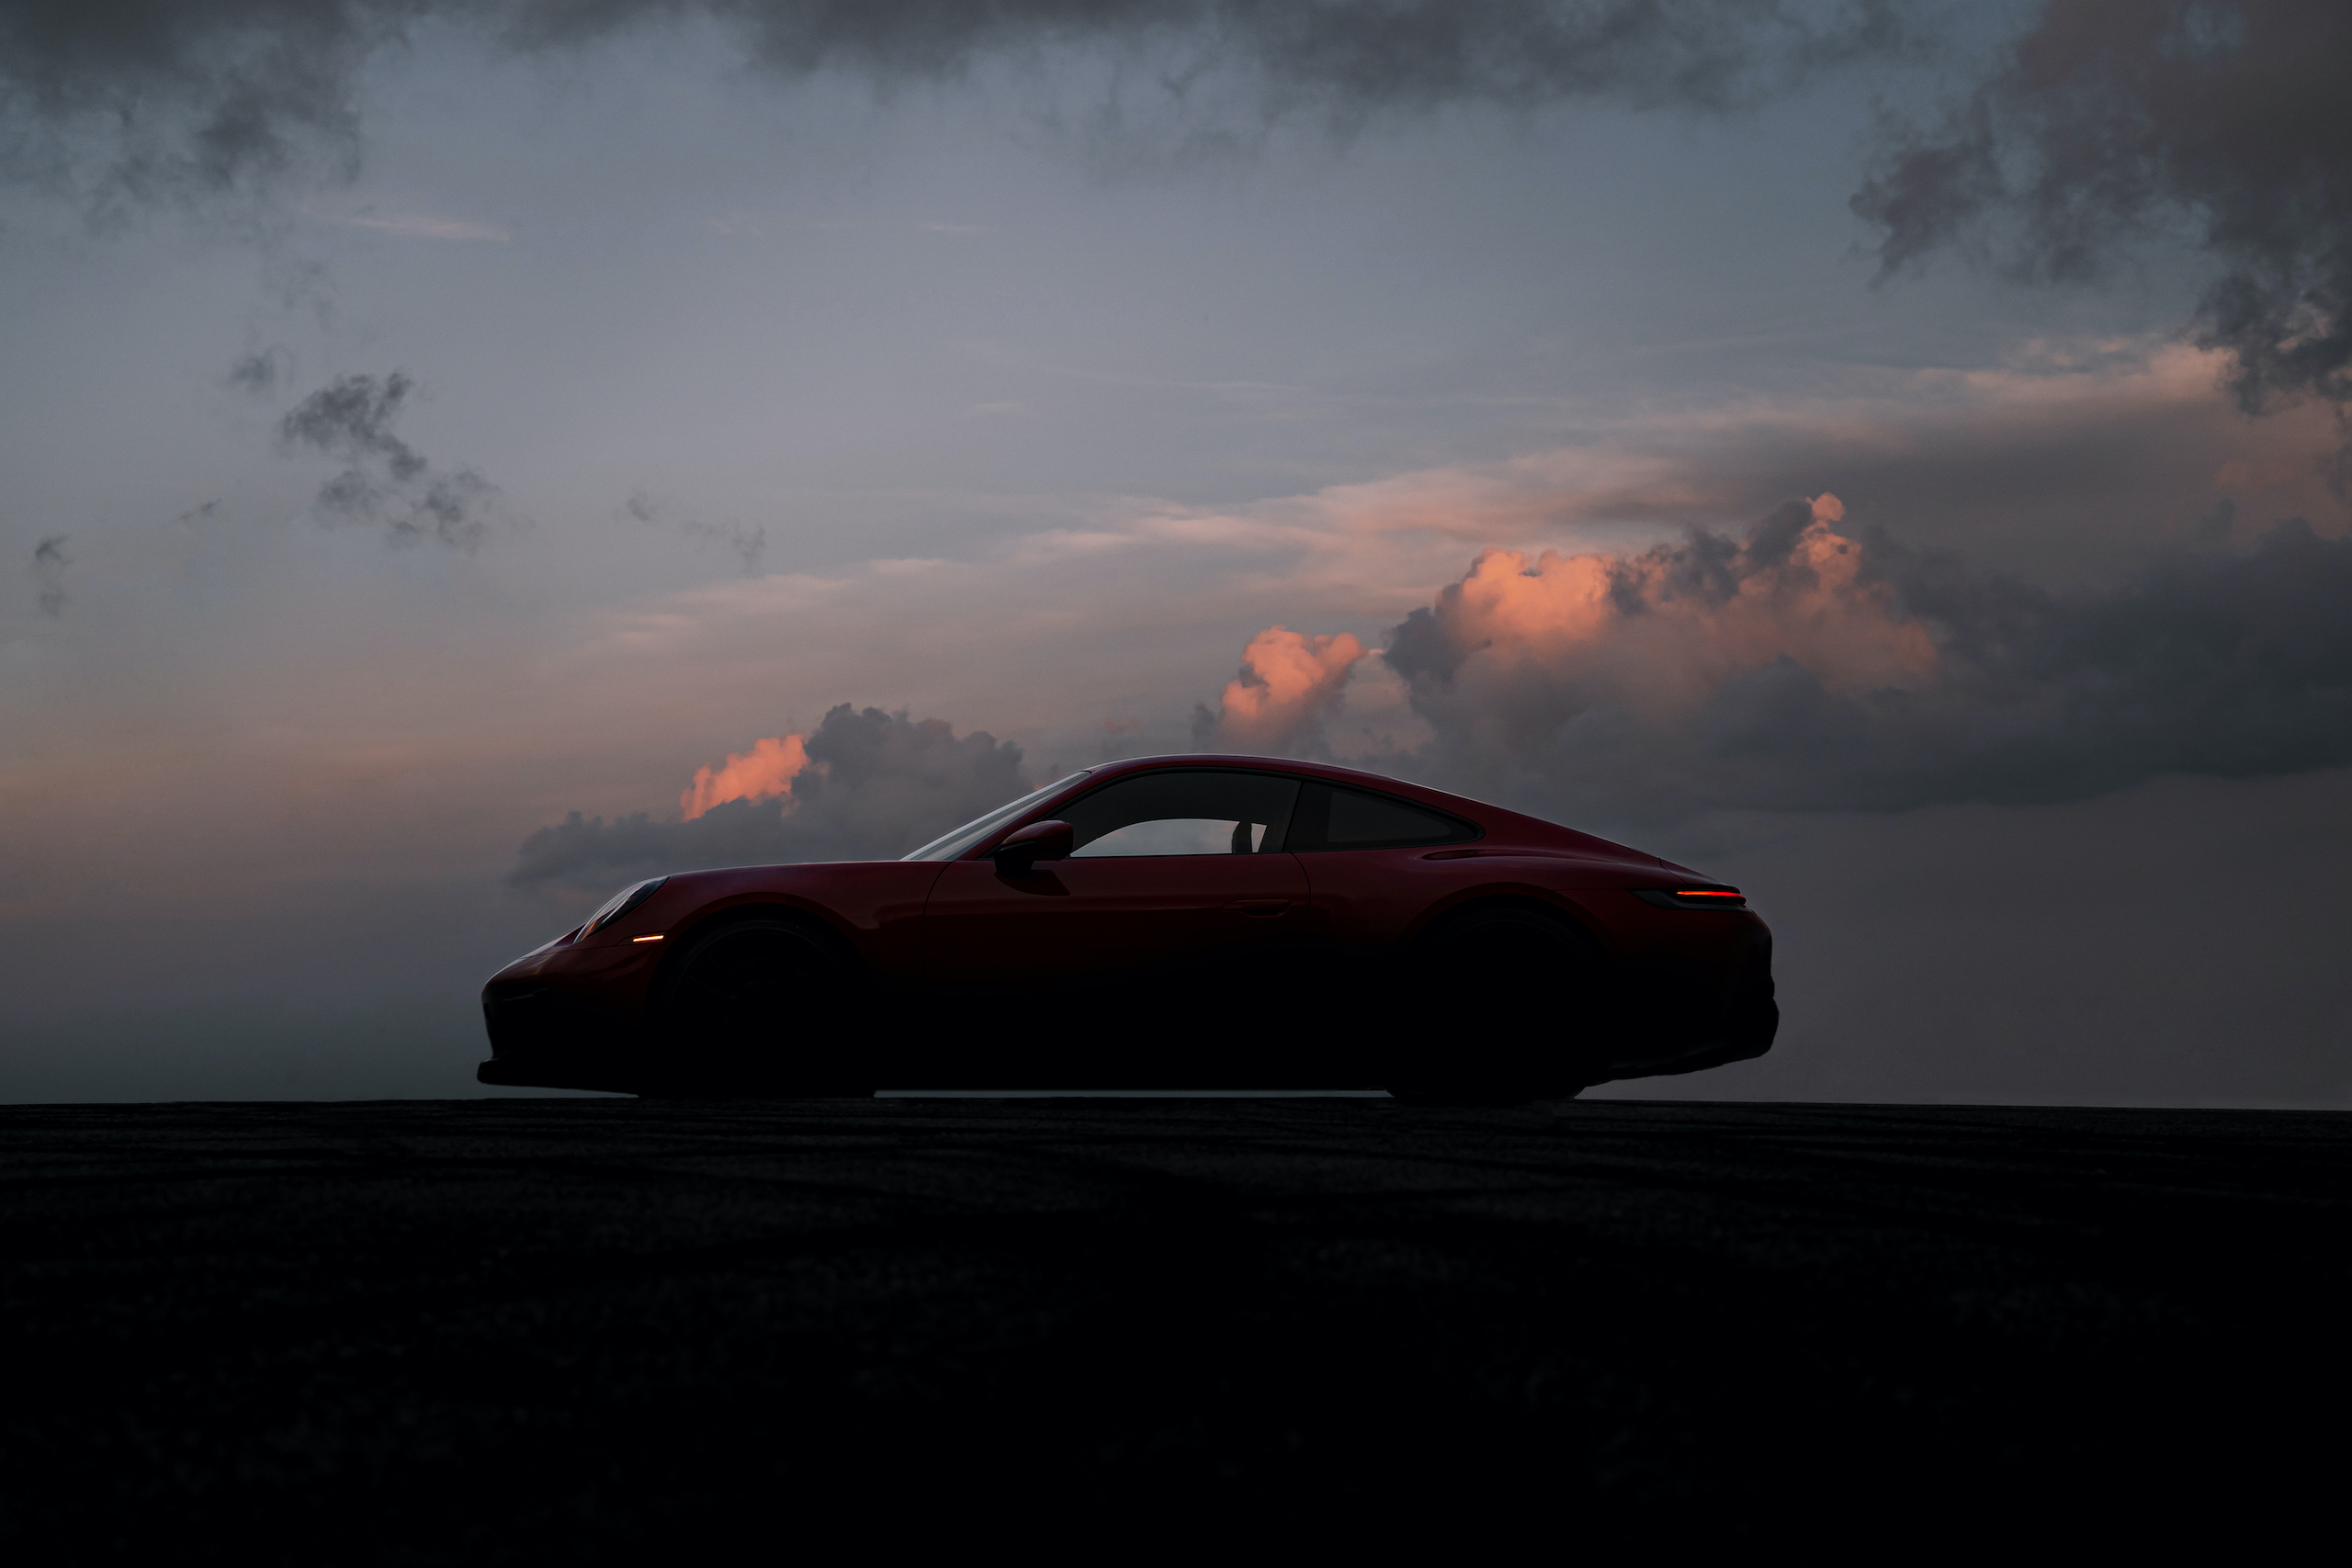 Porsche 911 GTS side profile silhouette